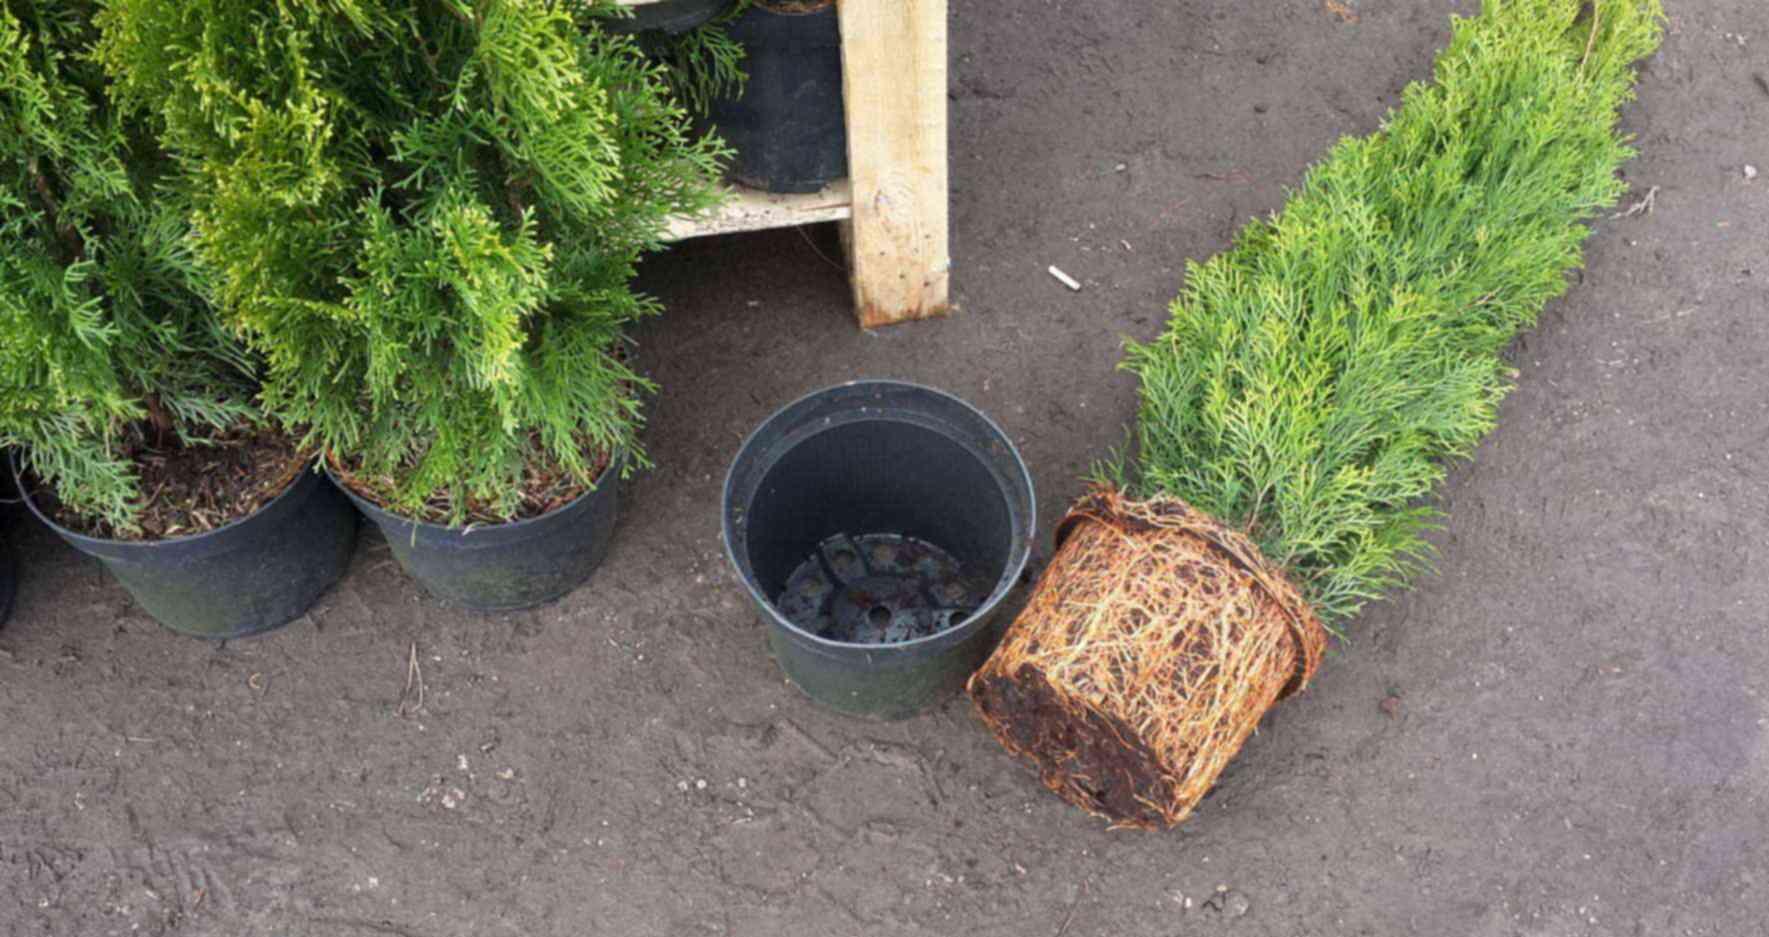 Пересадка туи осенью: когда и как лучше высаживать взрослое дерево или саженец на новое место